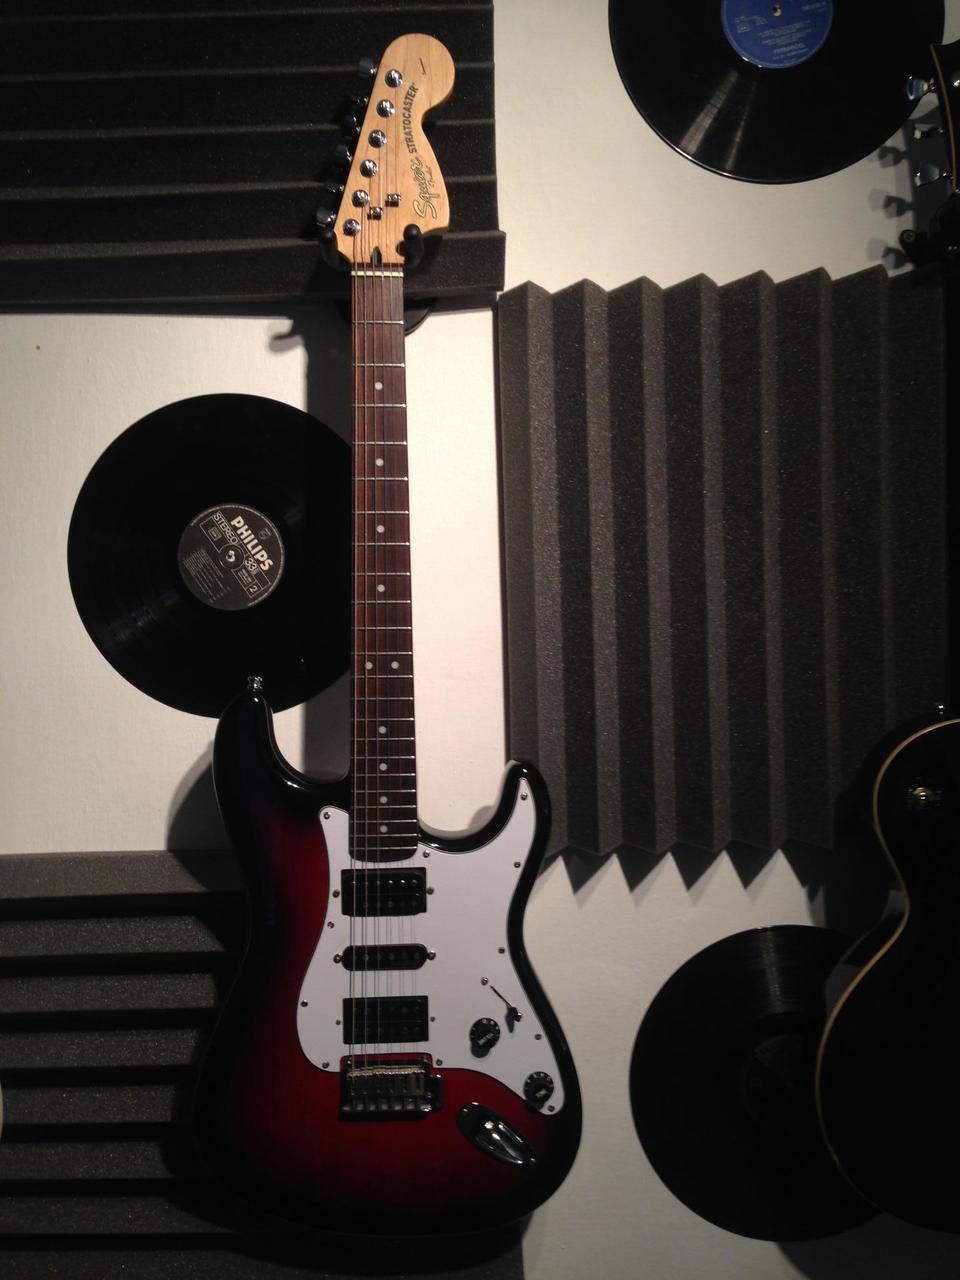 Fender Squier Standard Stratocaster